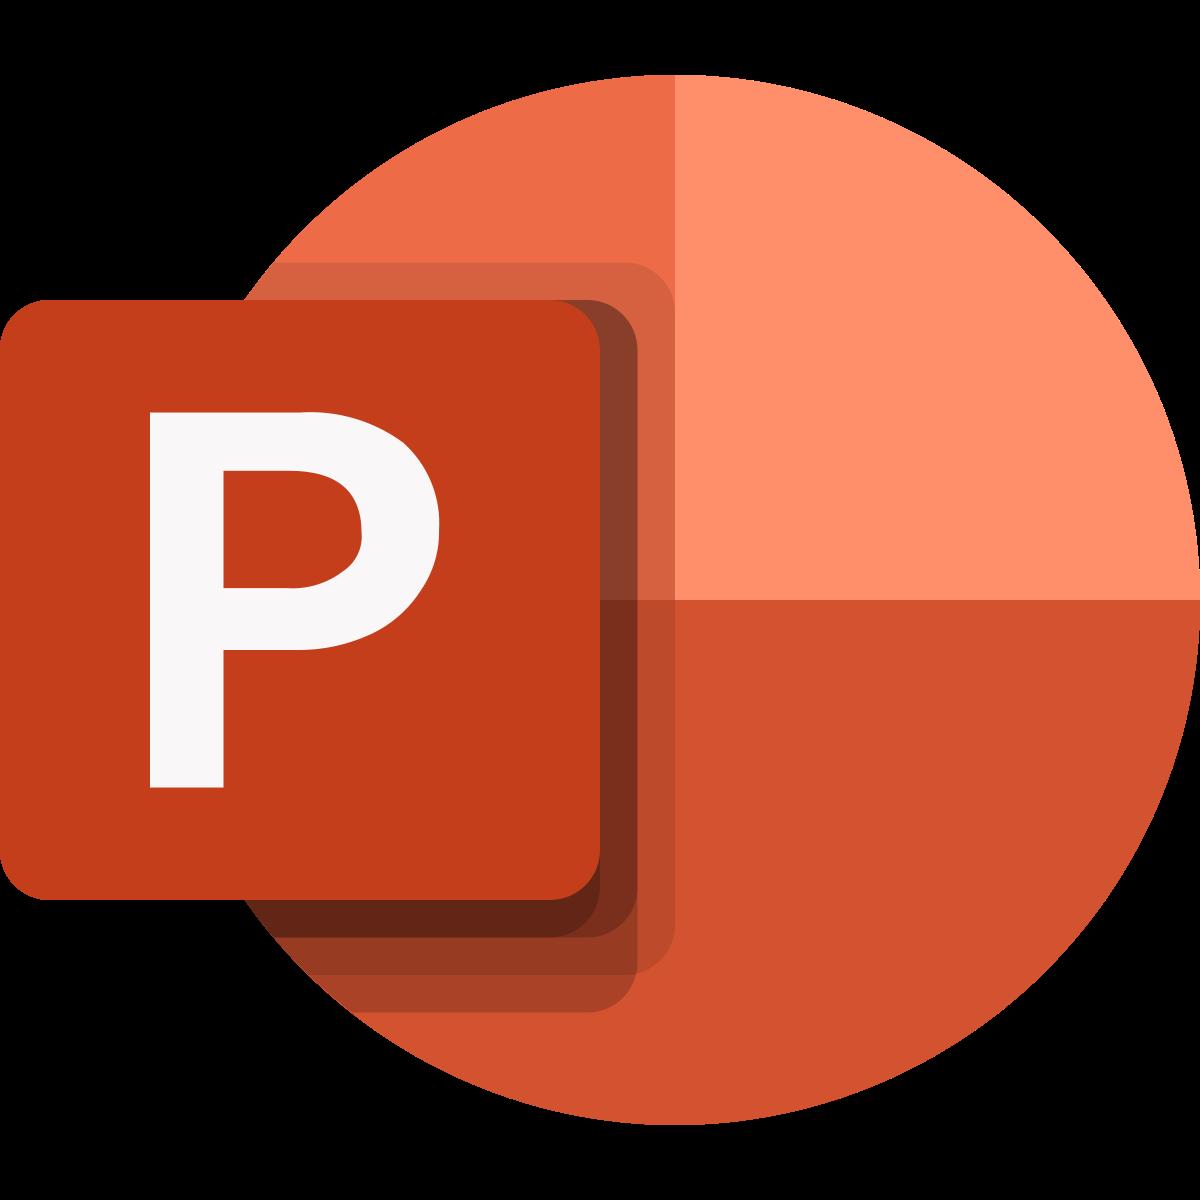 Icona PowerPoint